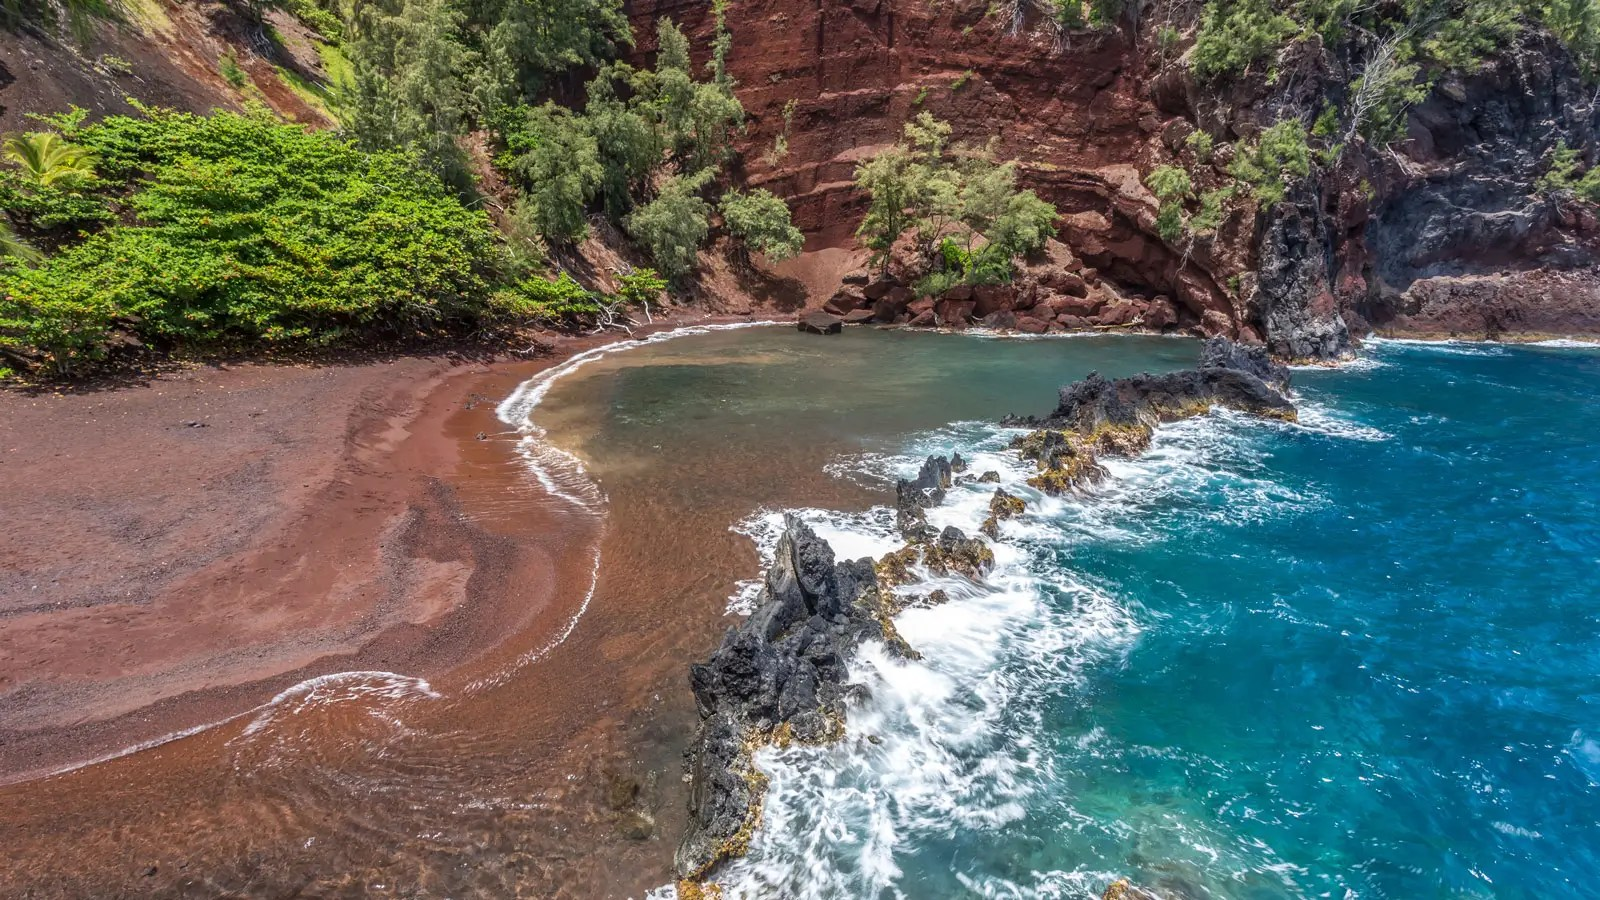 Red Sand Beach, Maui, Hawaii, USA.